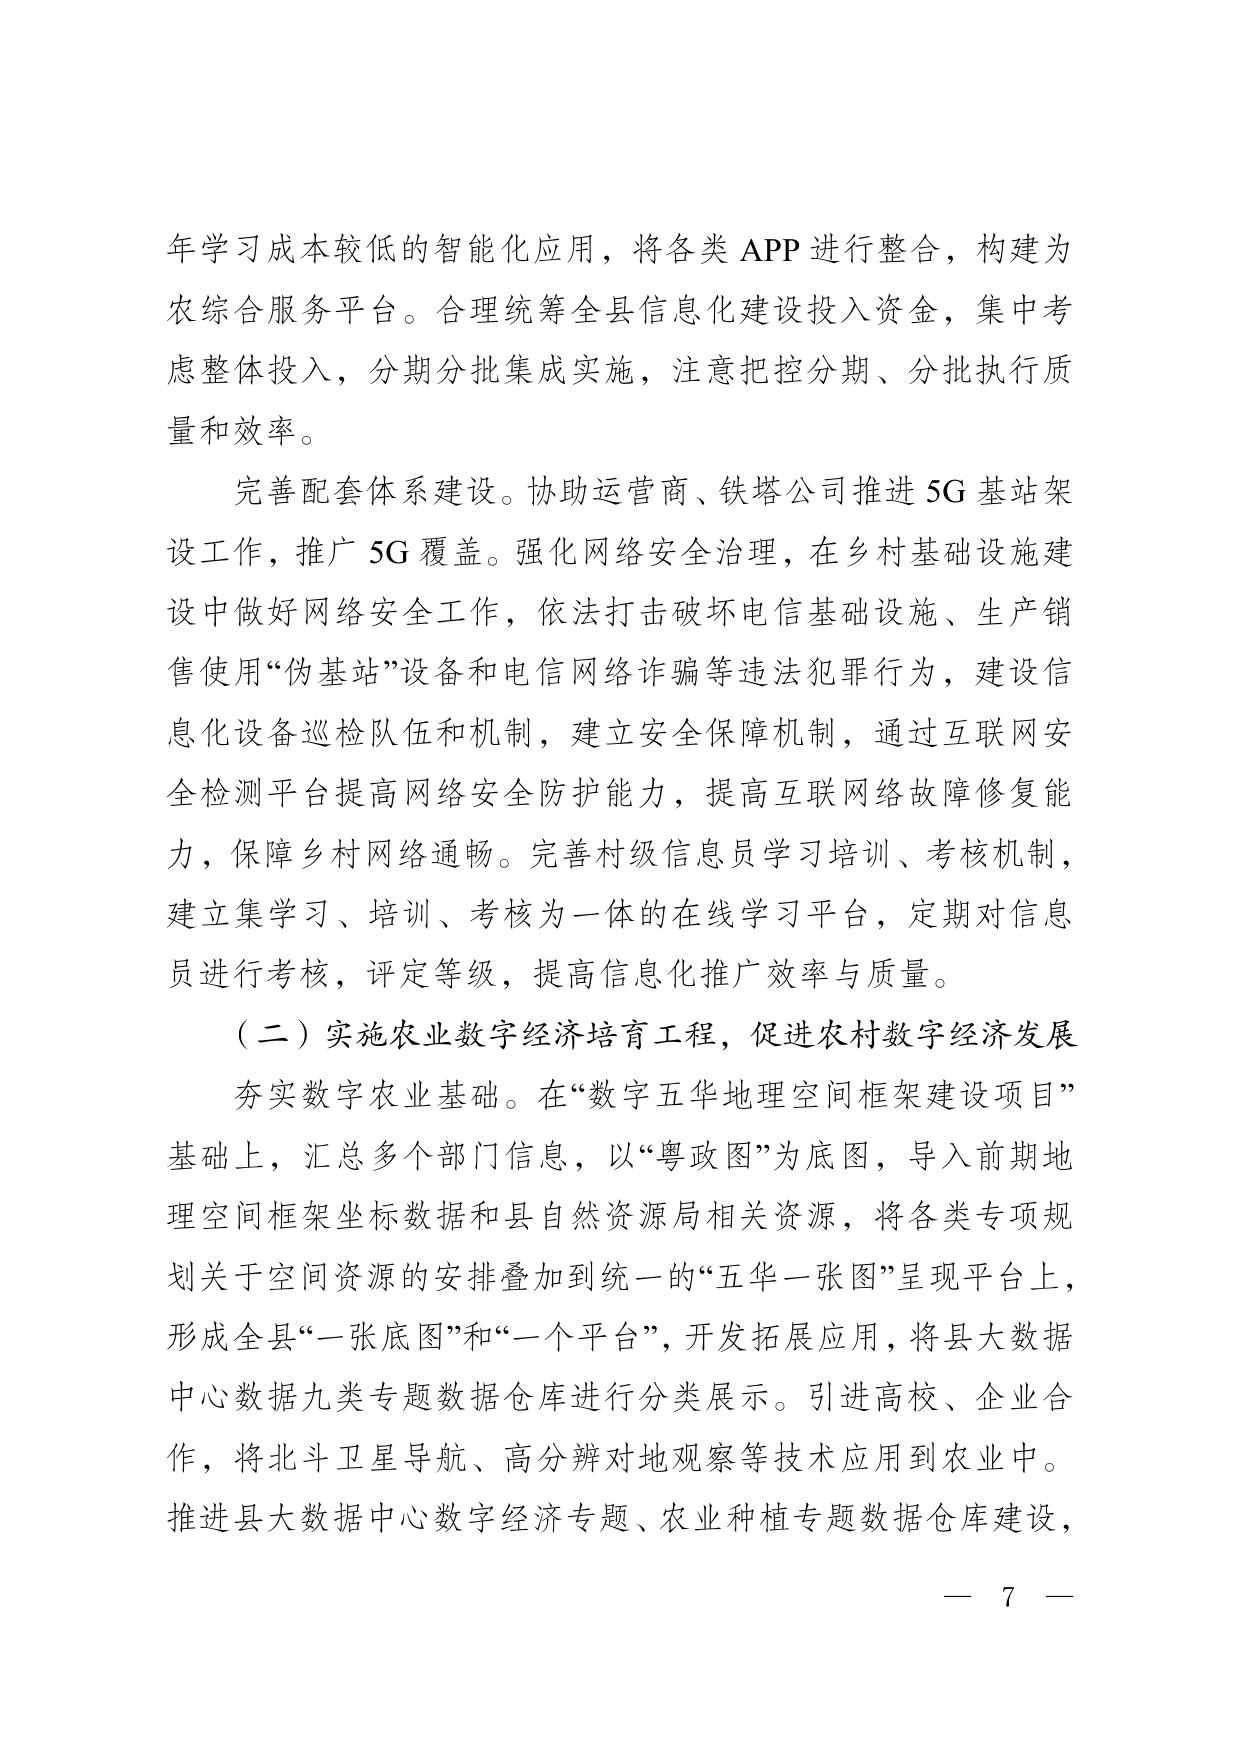 华办函〔2020〕5号关于印发《五华县数字乡村发展总体规划(2020—2025年)》的通知0006.jpg